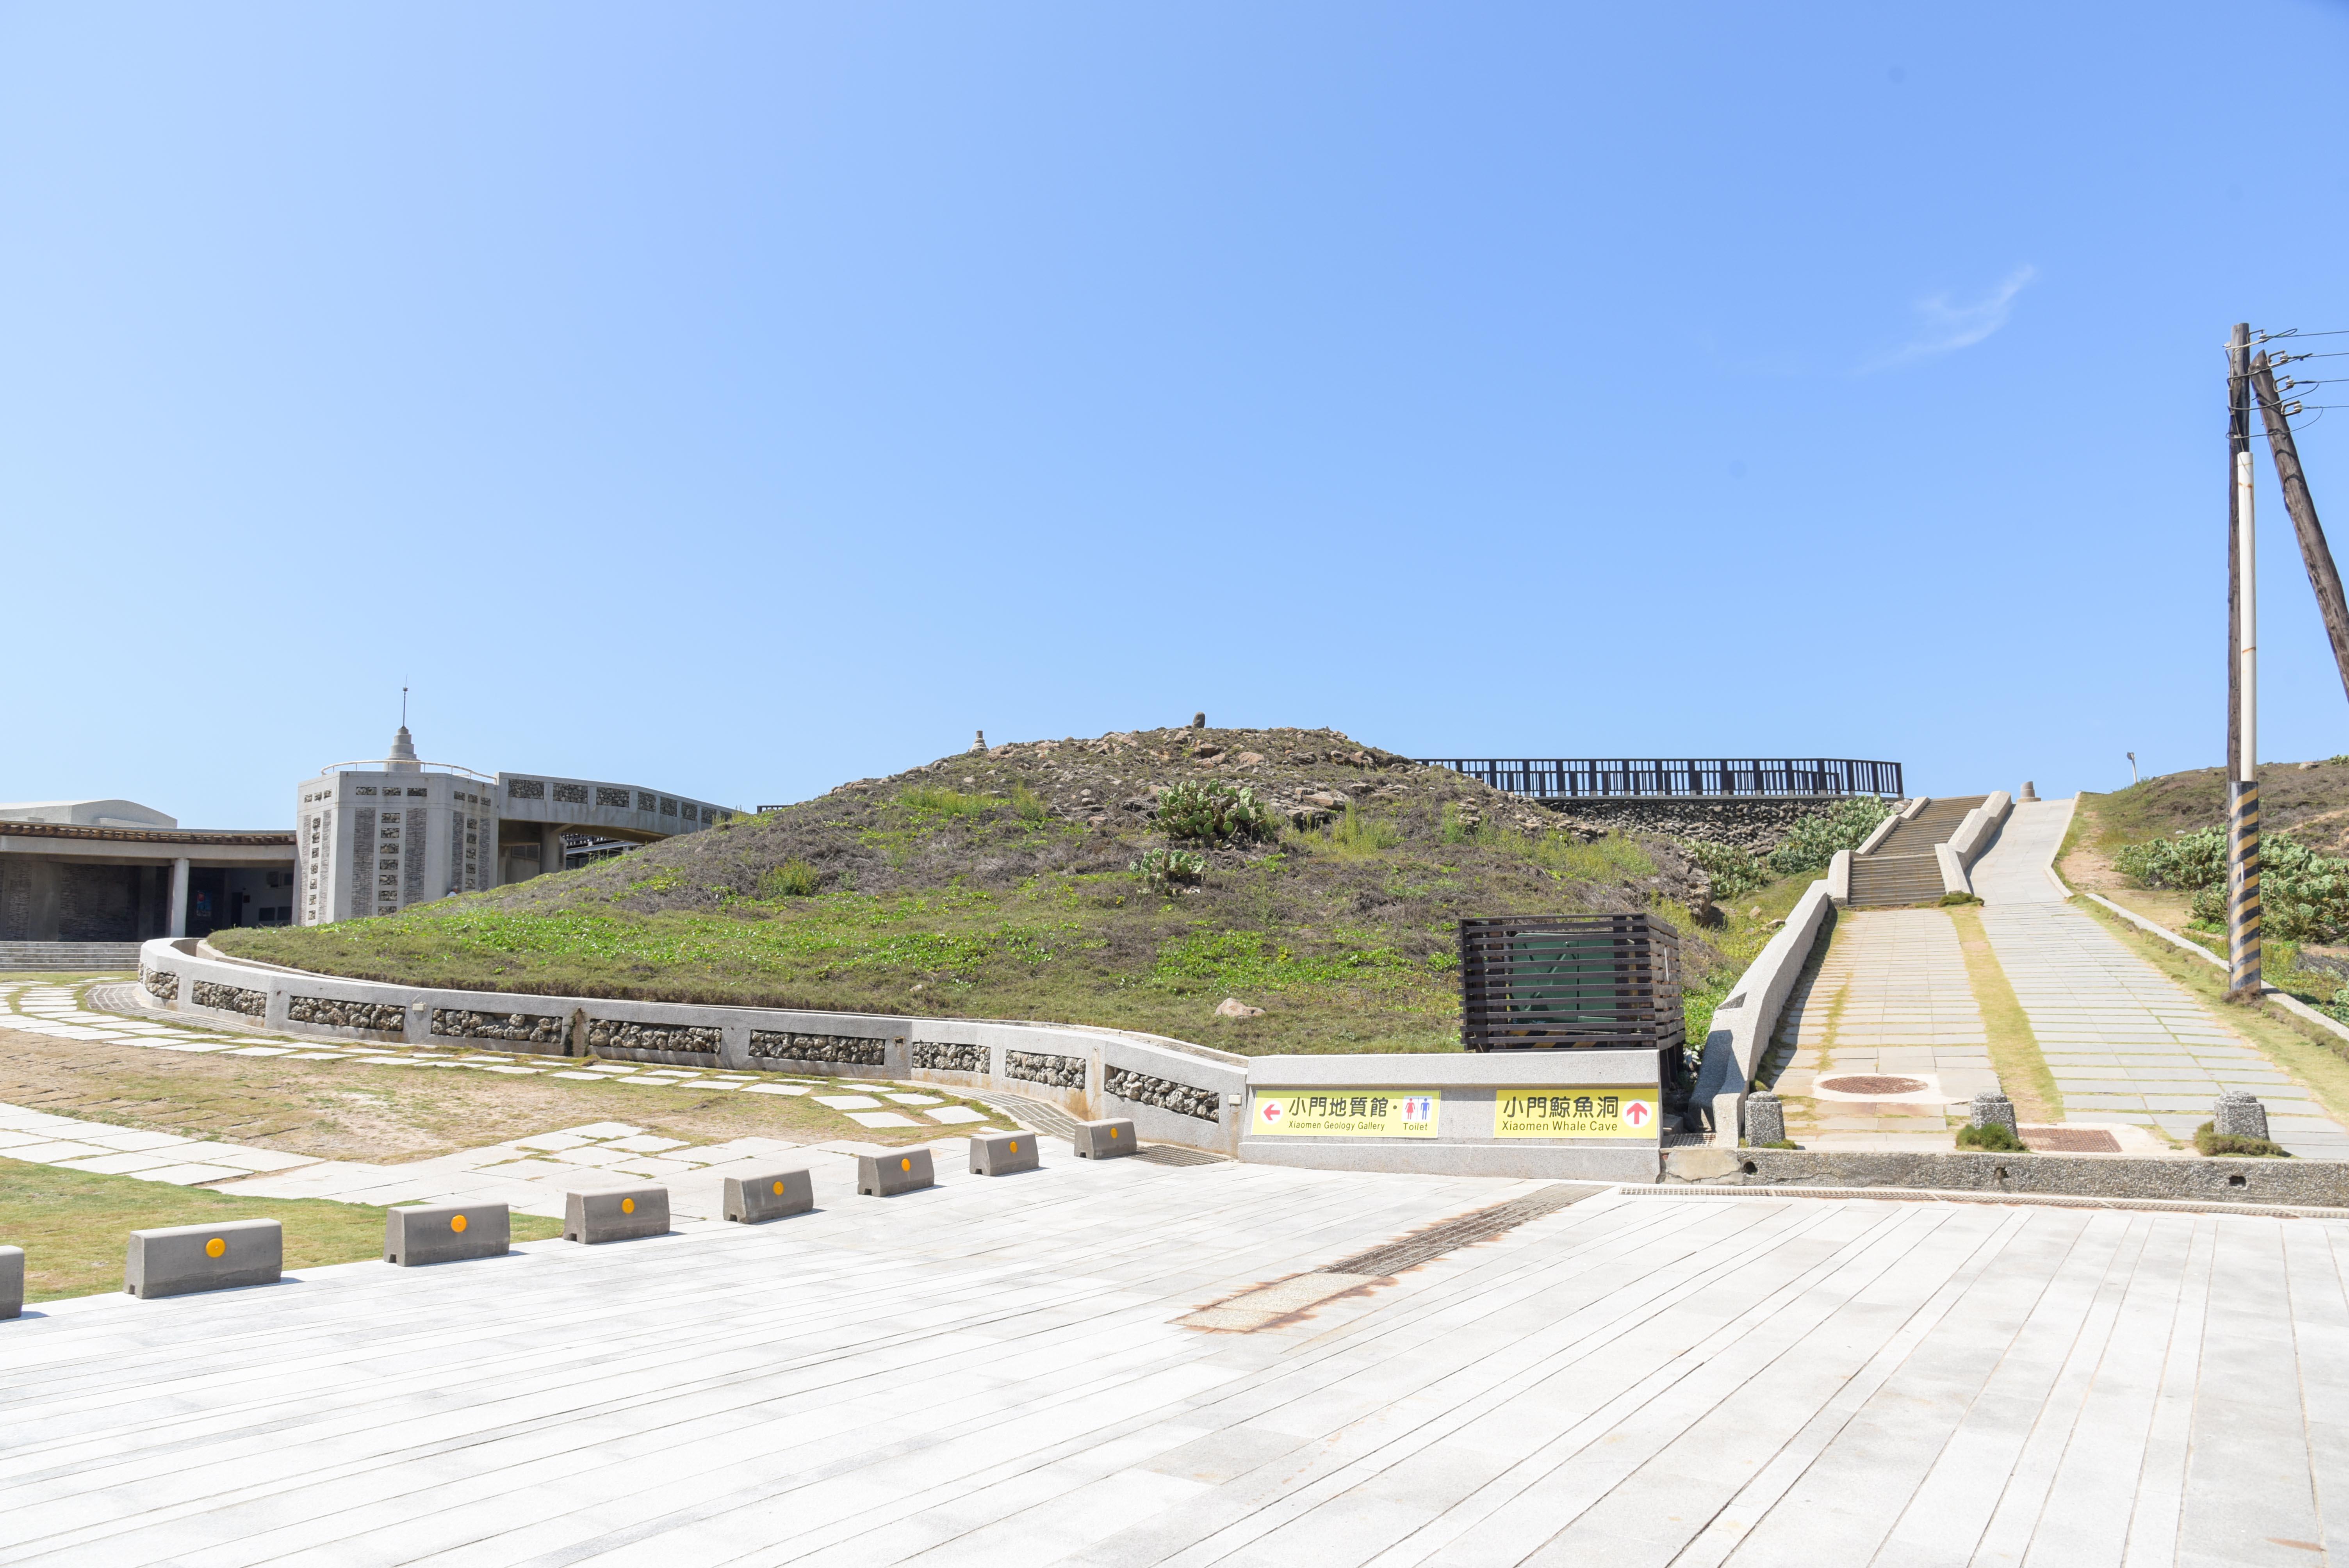 小門地質館の屋外広場